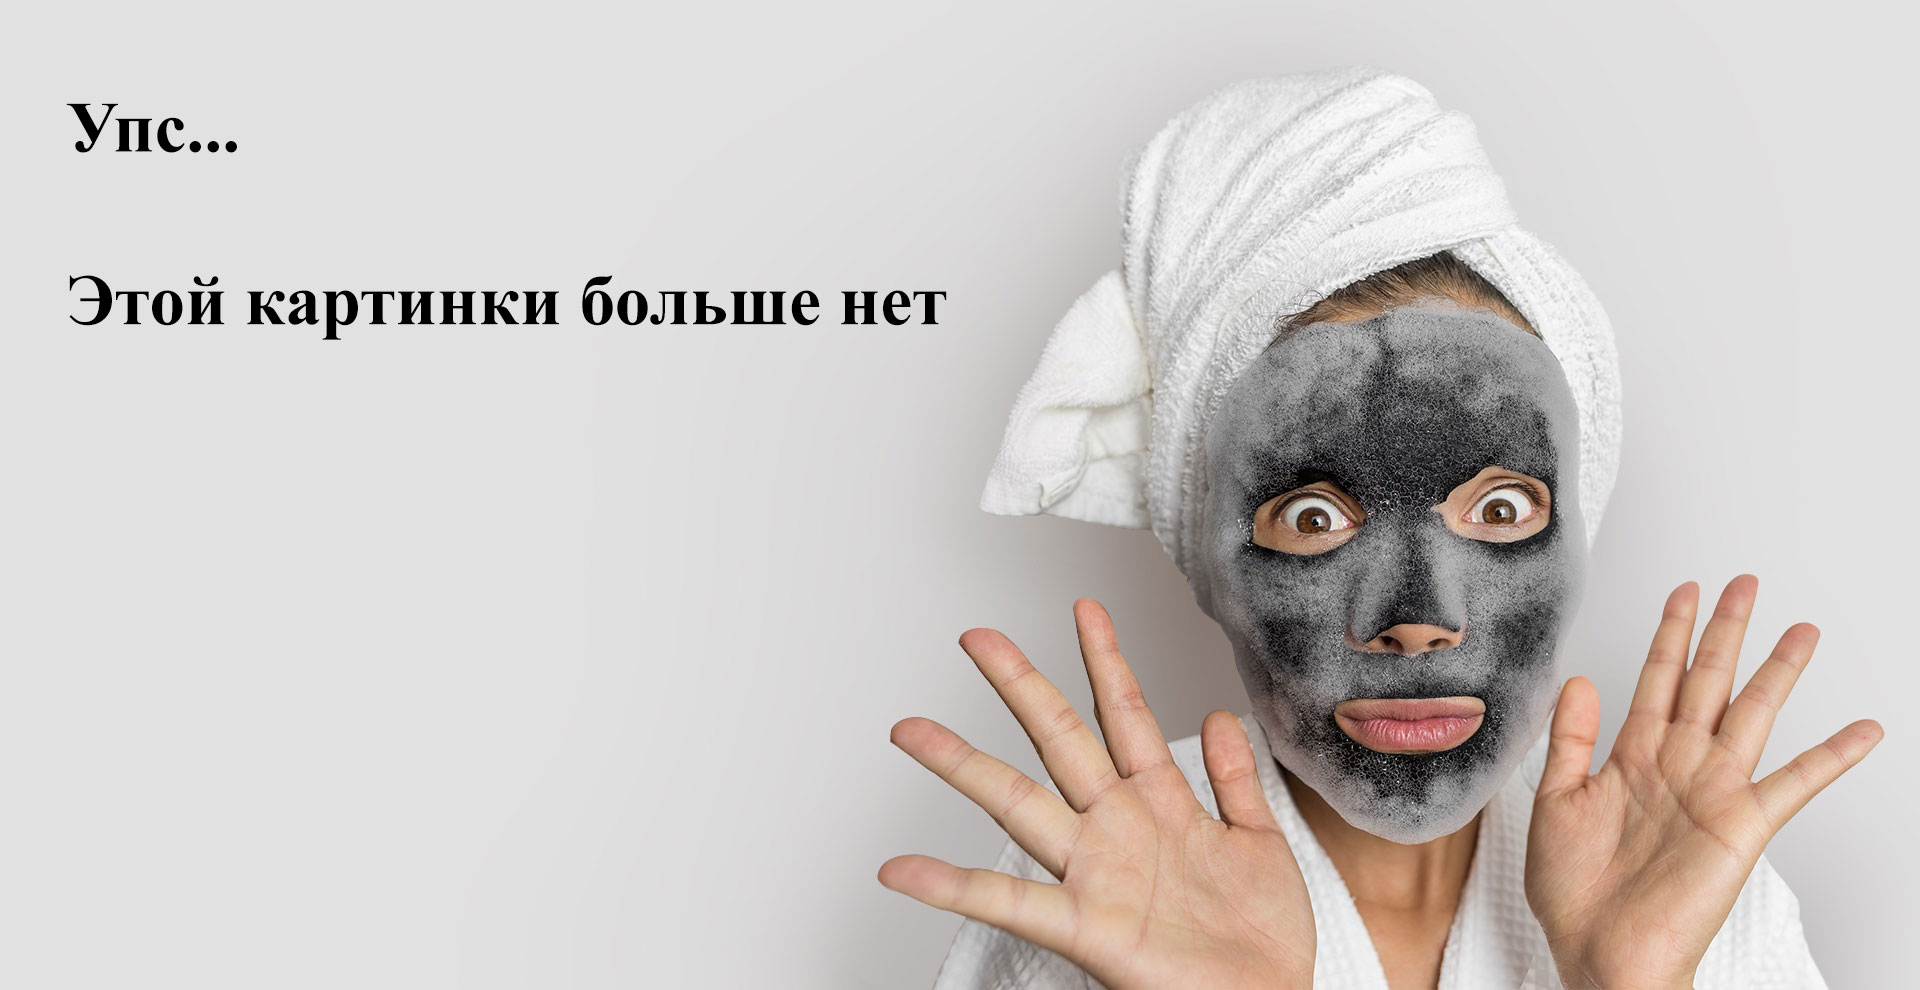 Surgi, Воск для удаления волос Facial Hard, 28 г